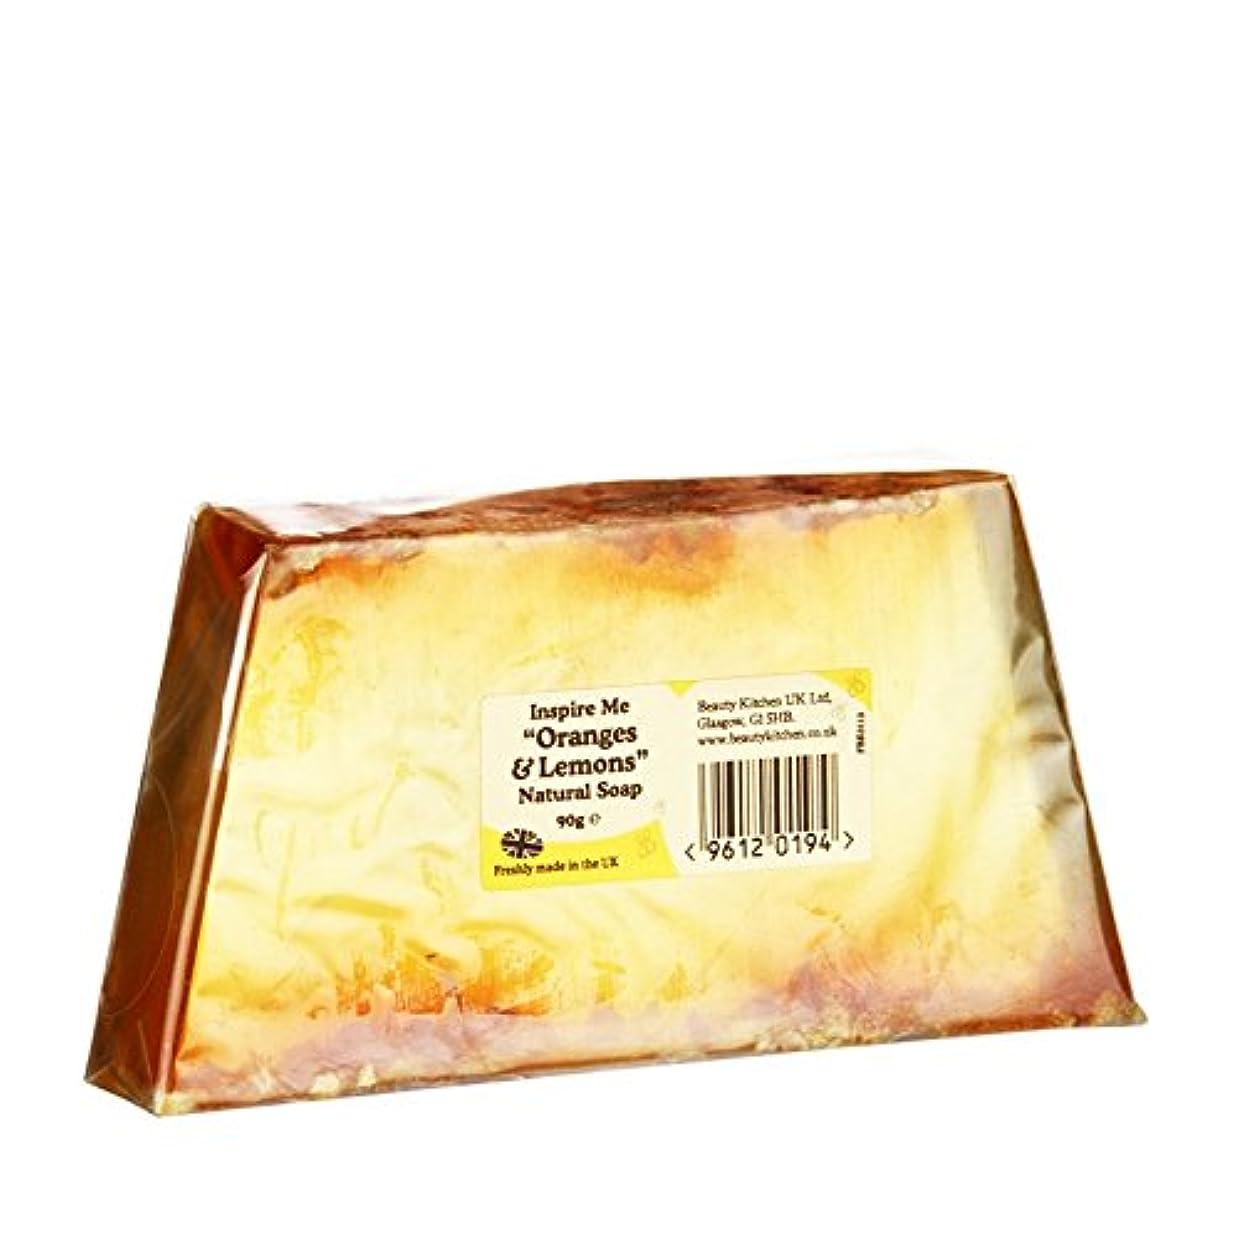 アナログバーガー隔離するBeauty Kitchen Inspire Me Orange & Lemon Natural Soap 90g (Pack of 6) - 美しさのキッチンは私がオレンジ&レモンの天然石鹸90グラム鼓舞します (x6...